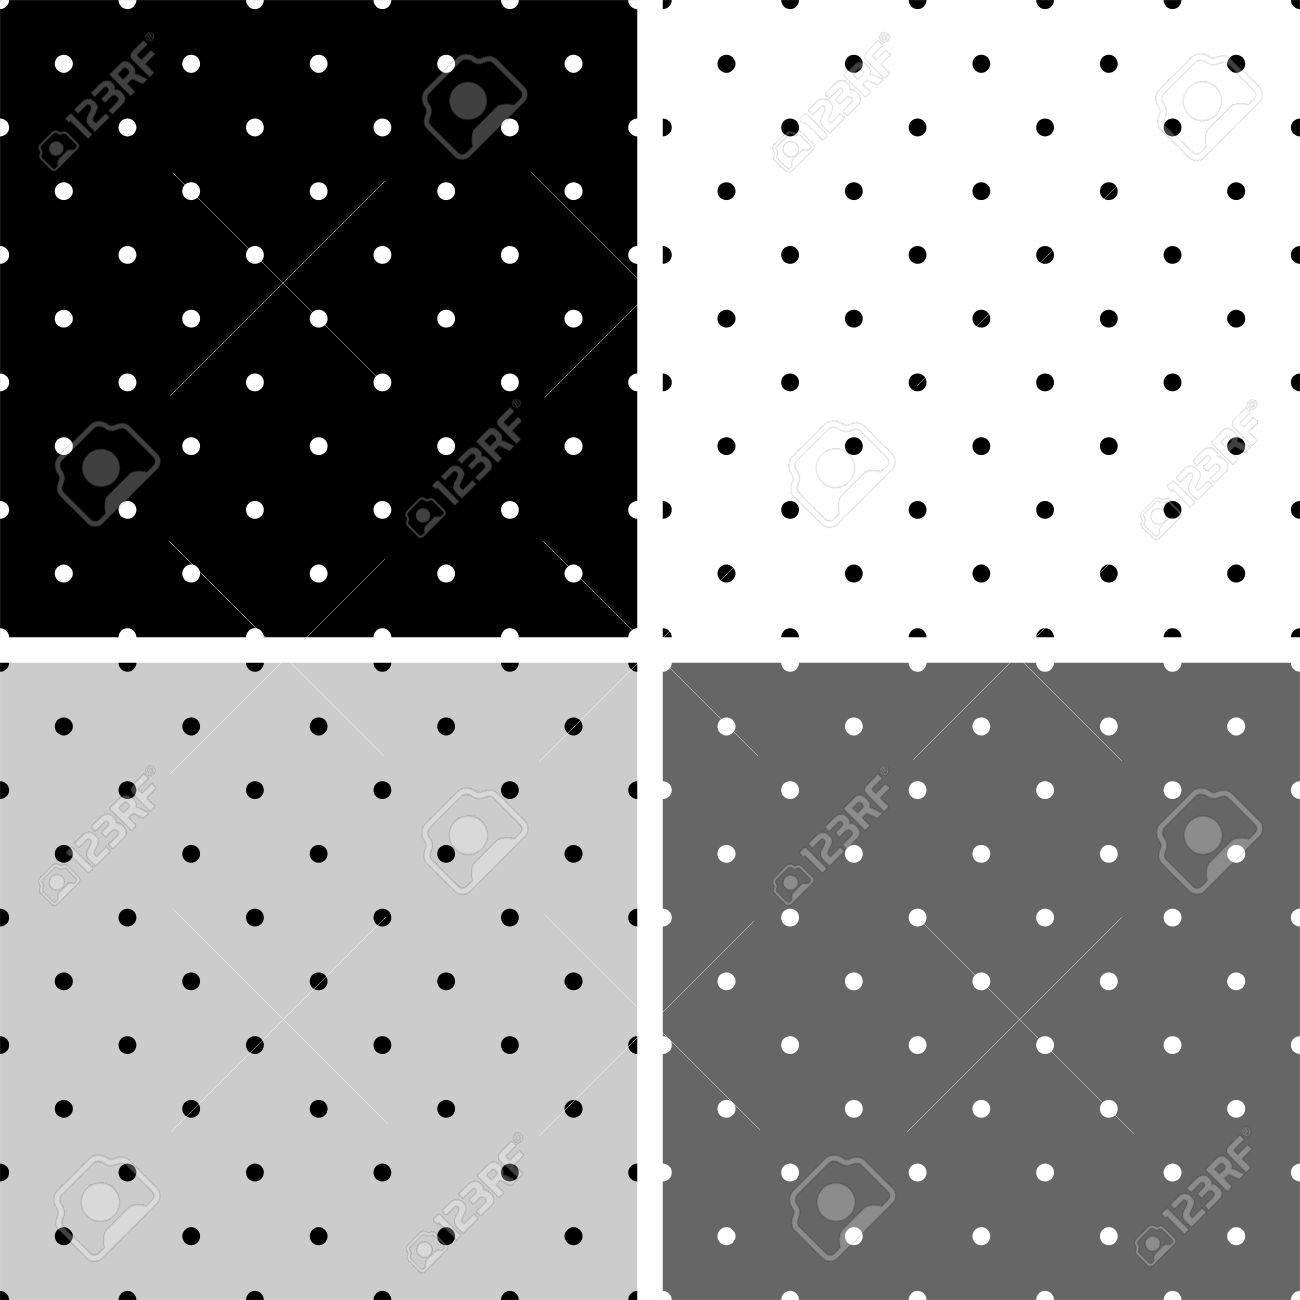 Banque Du0027images   Motif Blanc Et Gris Noir Seamless Fond Ou Réglés Avec  Petits Pois, Petits Et Grands. Pour Papier Peint De Bureau Et De La  Conception De ...